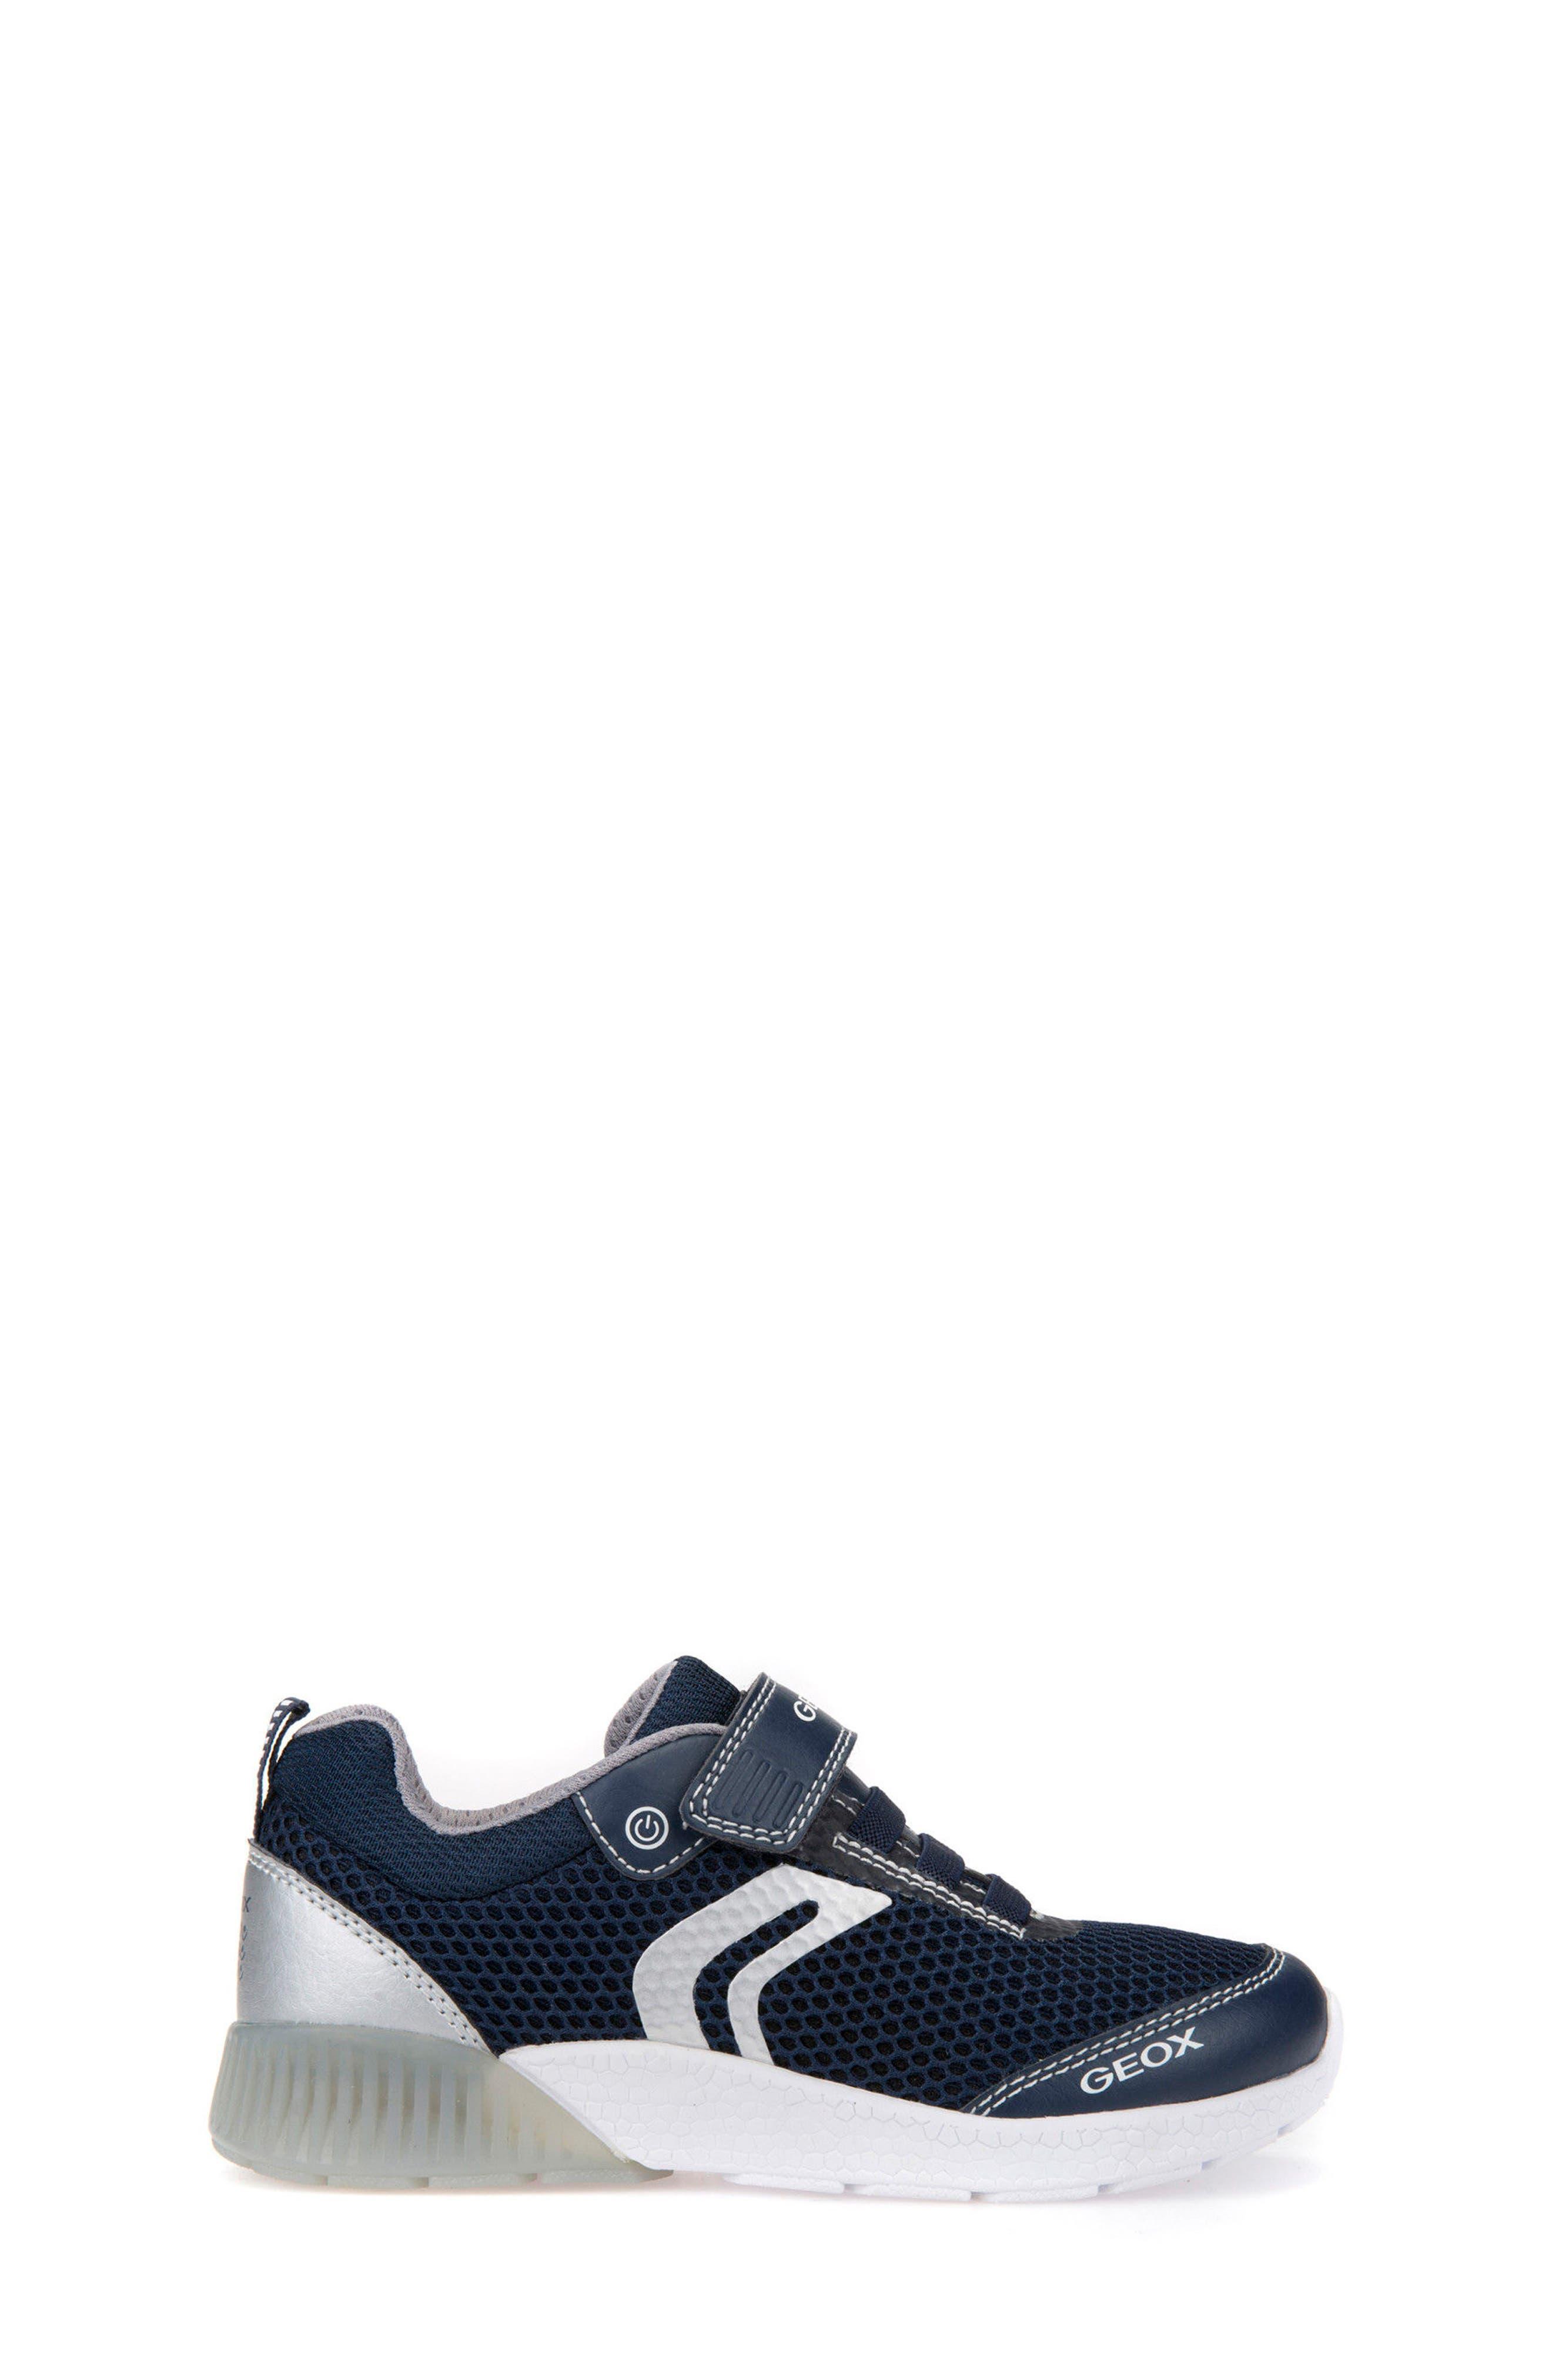 Sveth Light-Up Sneaker,                             Alternate thumbnail 3, color,                             NAVY/ SILVER